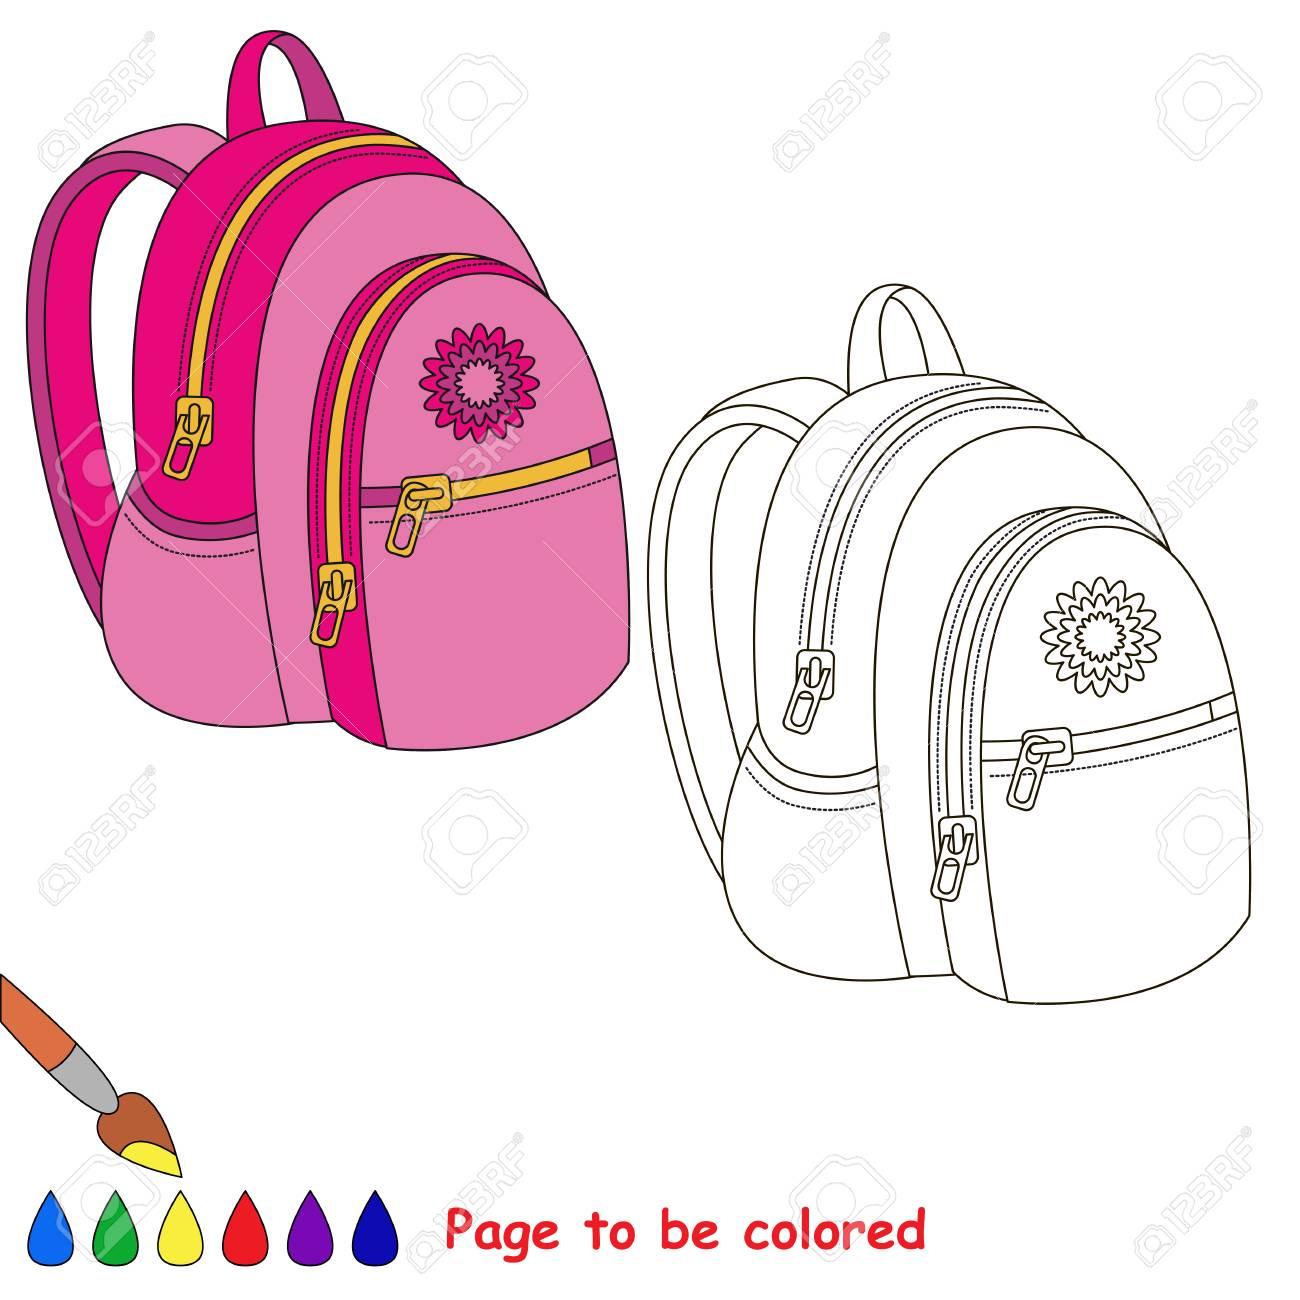 Bolsa De Escuela De Color Rosa Para Ser Coloreado El Libro Para Colorear Para Educar A Los Niños Preescolares Con El Niño Fácil De Juegos